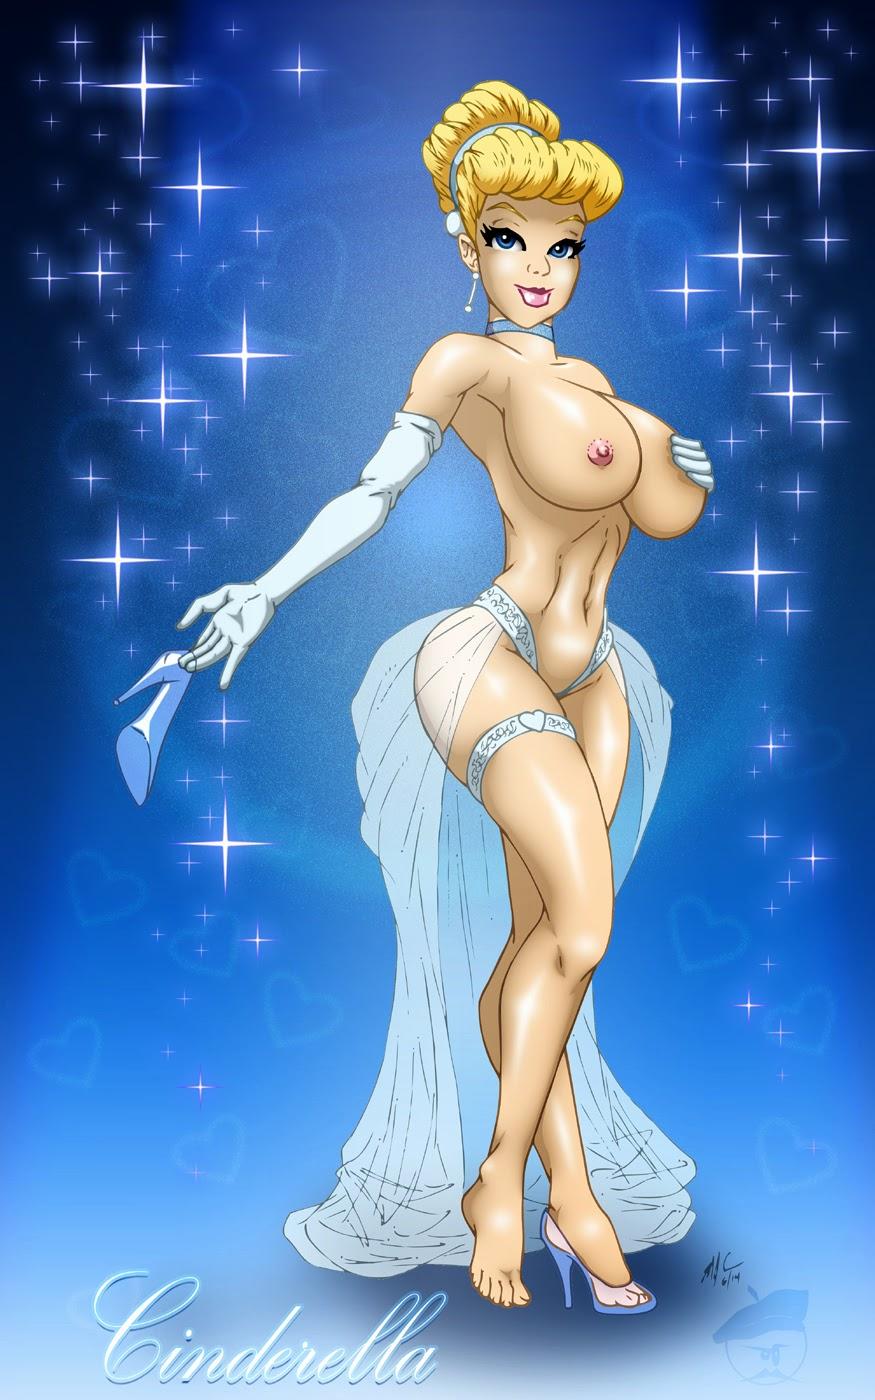 Cenicienta . Comic ~ OX32 = SEXO . XXX, Erotismo, Hentai ...